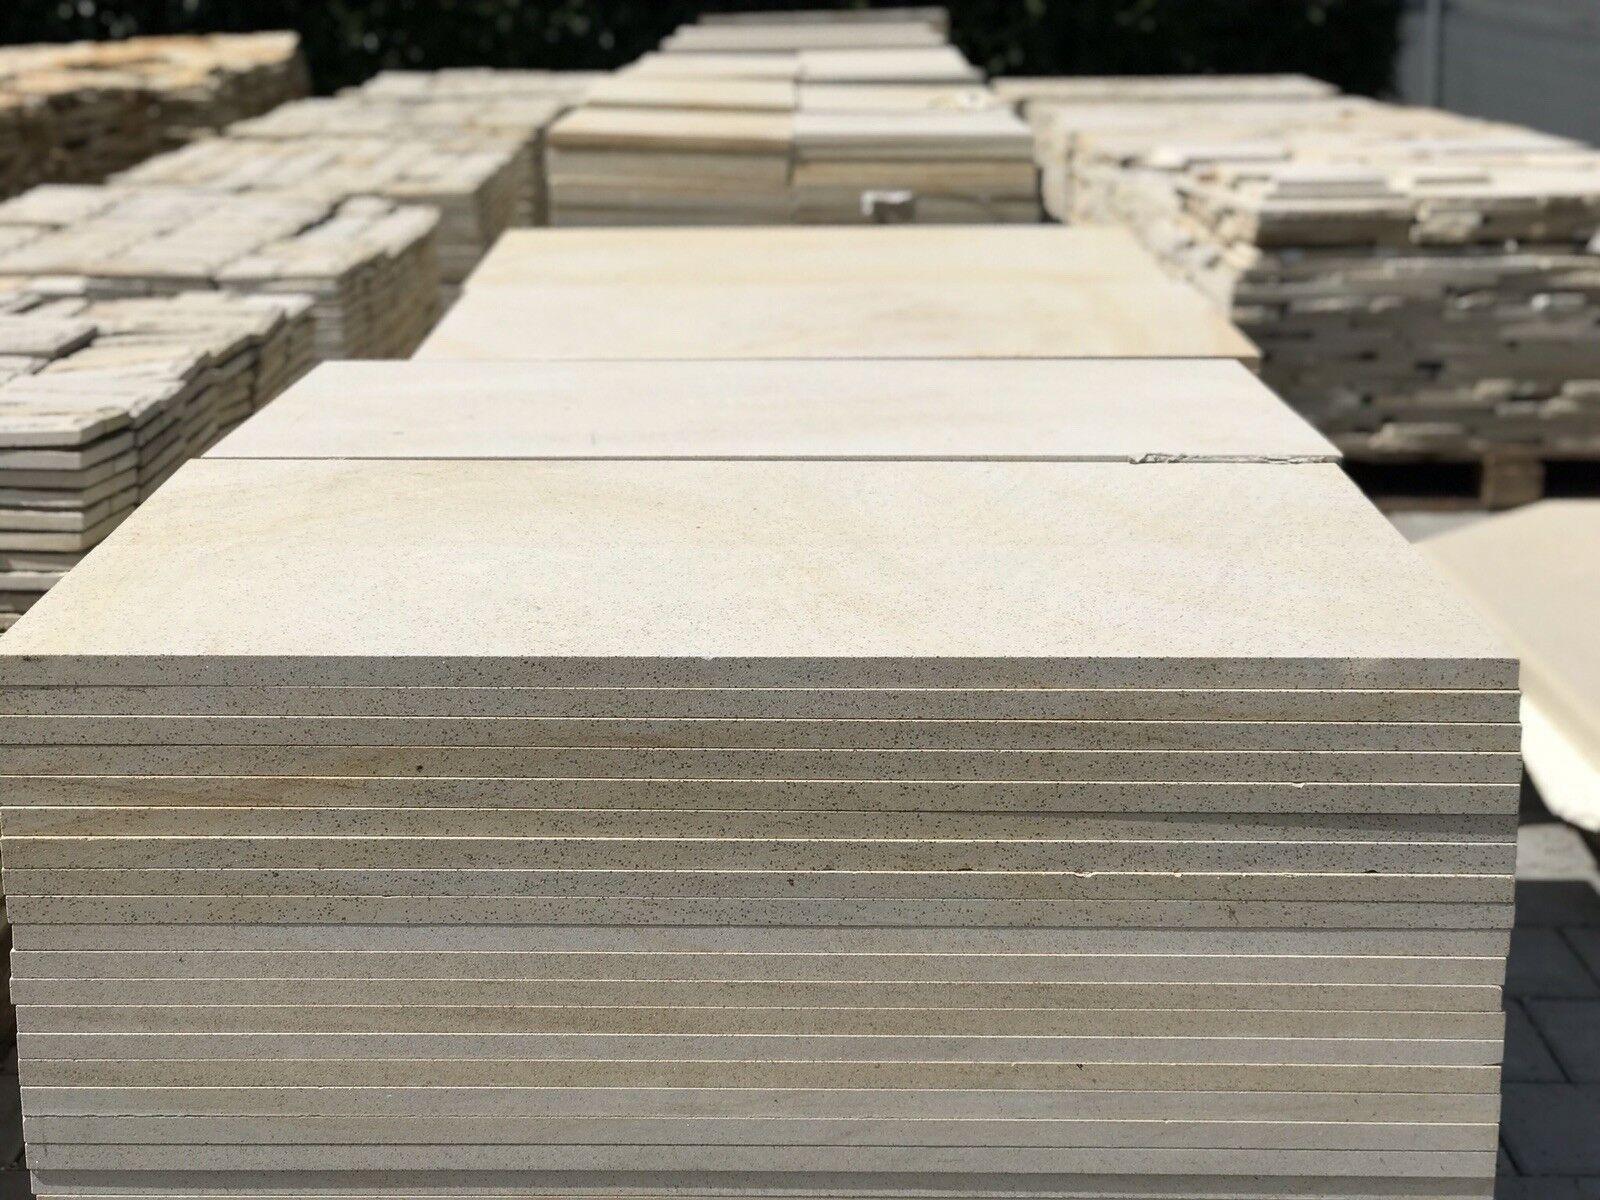 15m2 Steinplatten Sandstein 60x30cm Hofplatten Pflasterstein Terrassenplatten 1A